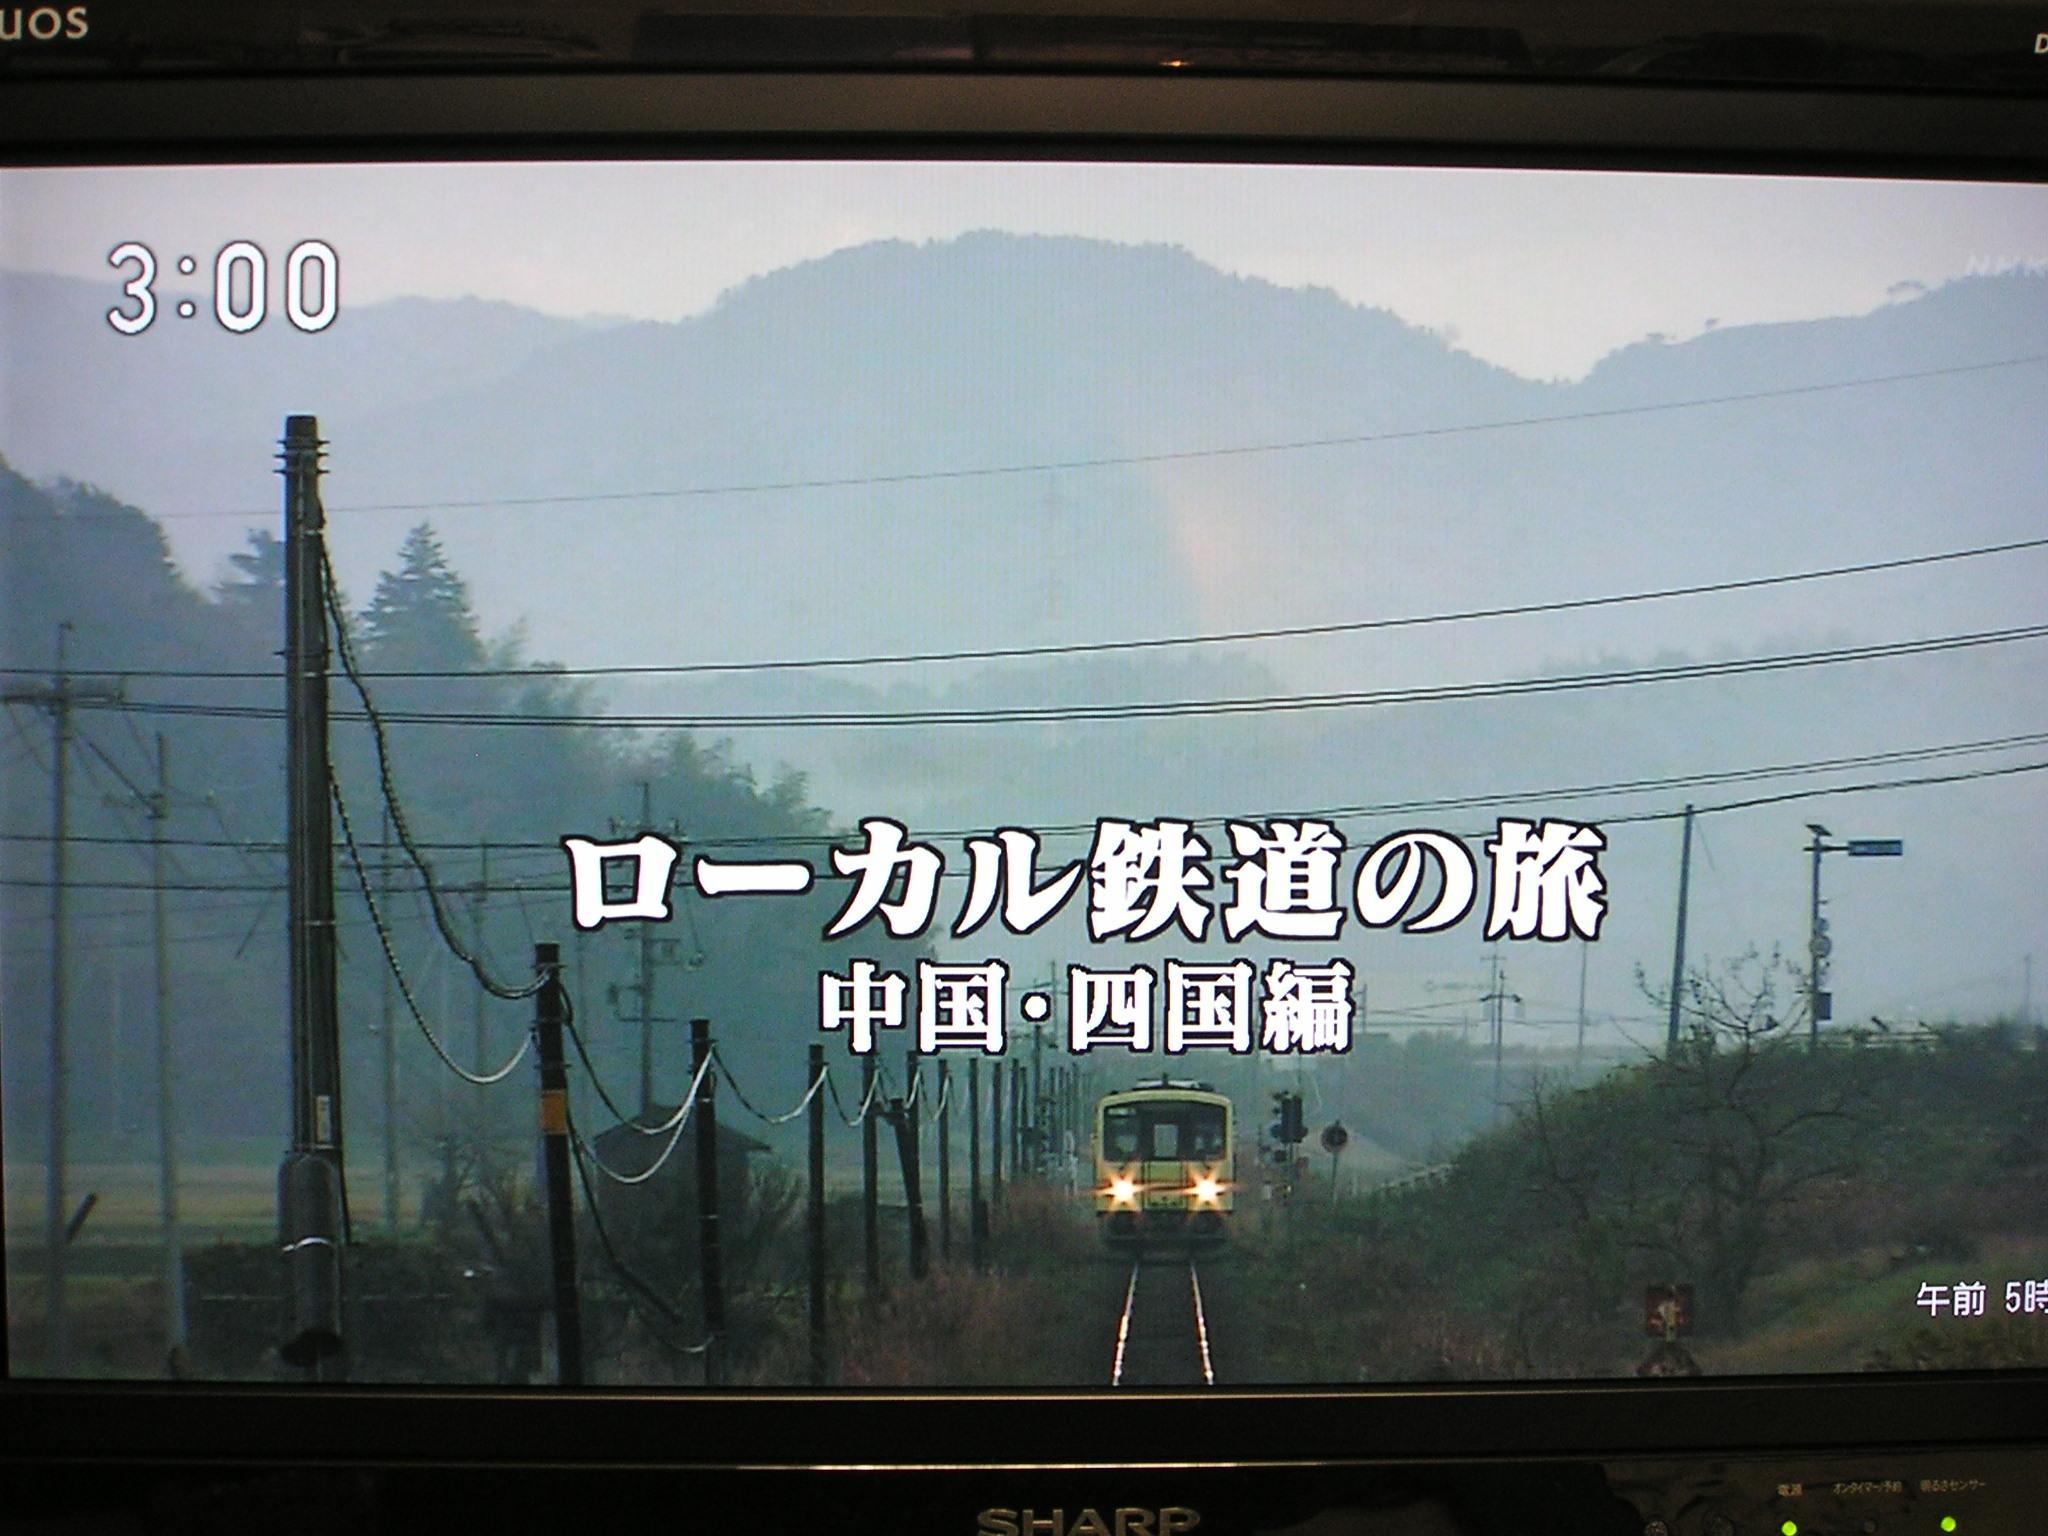 鉄道 の 旅 ローカル